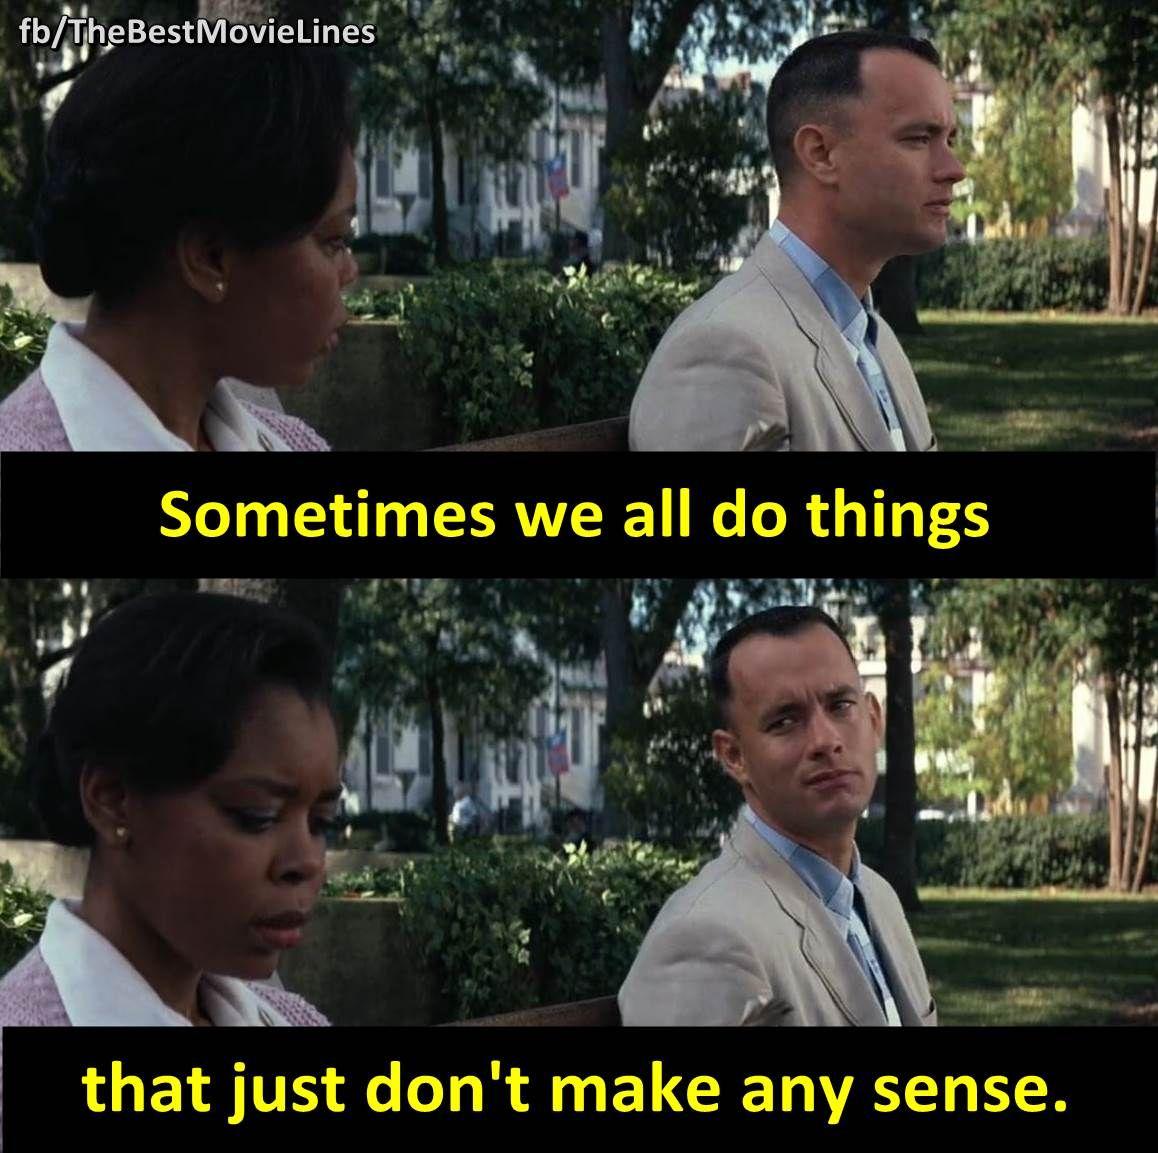 Forrest Gump Funny Quotes: - Tom Hanks In Forrest Gump 1994